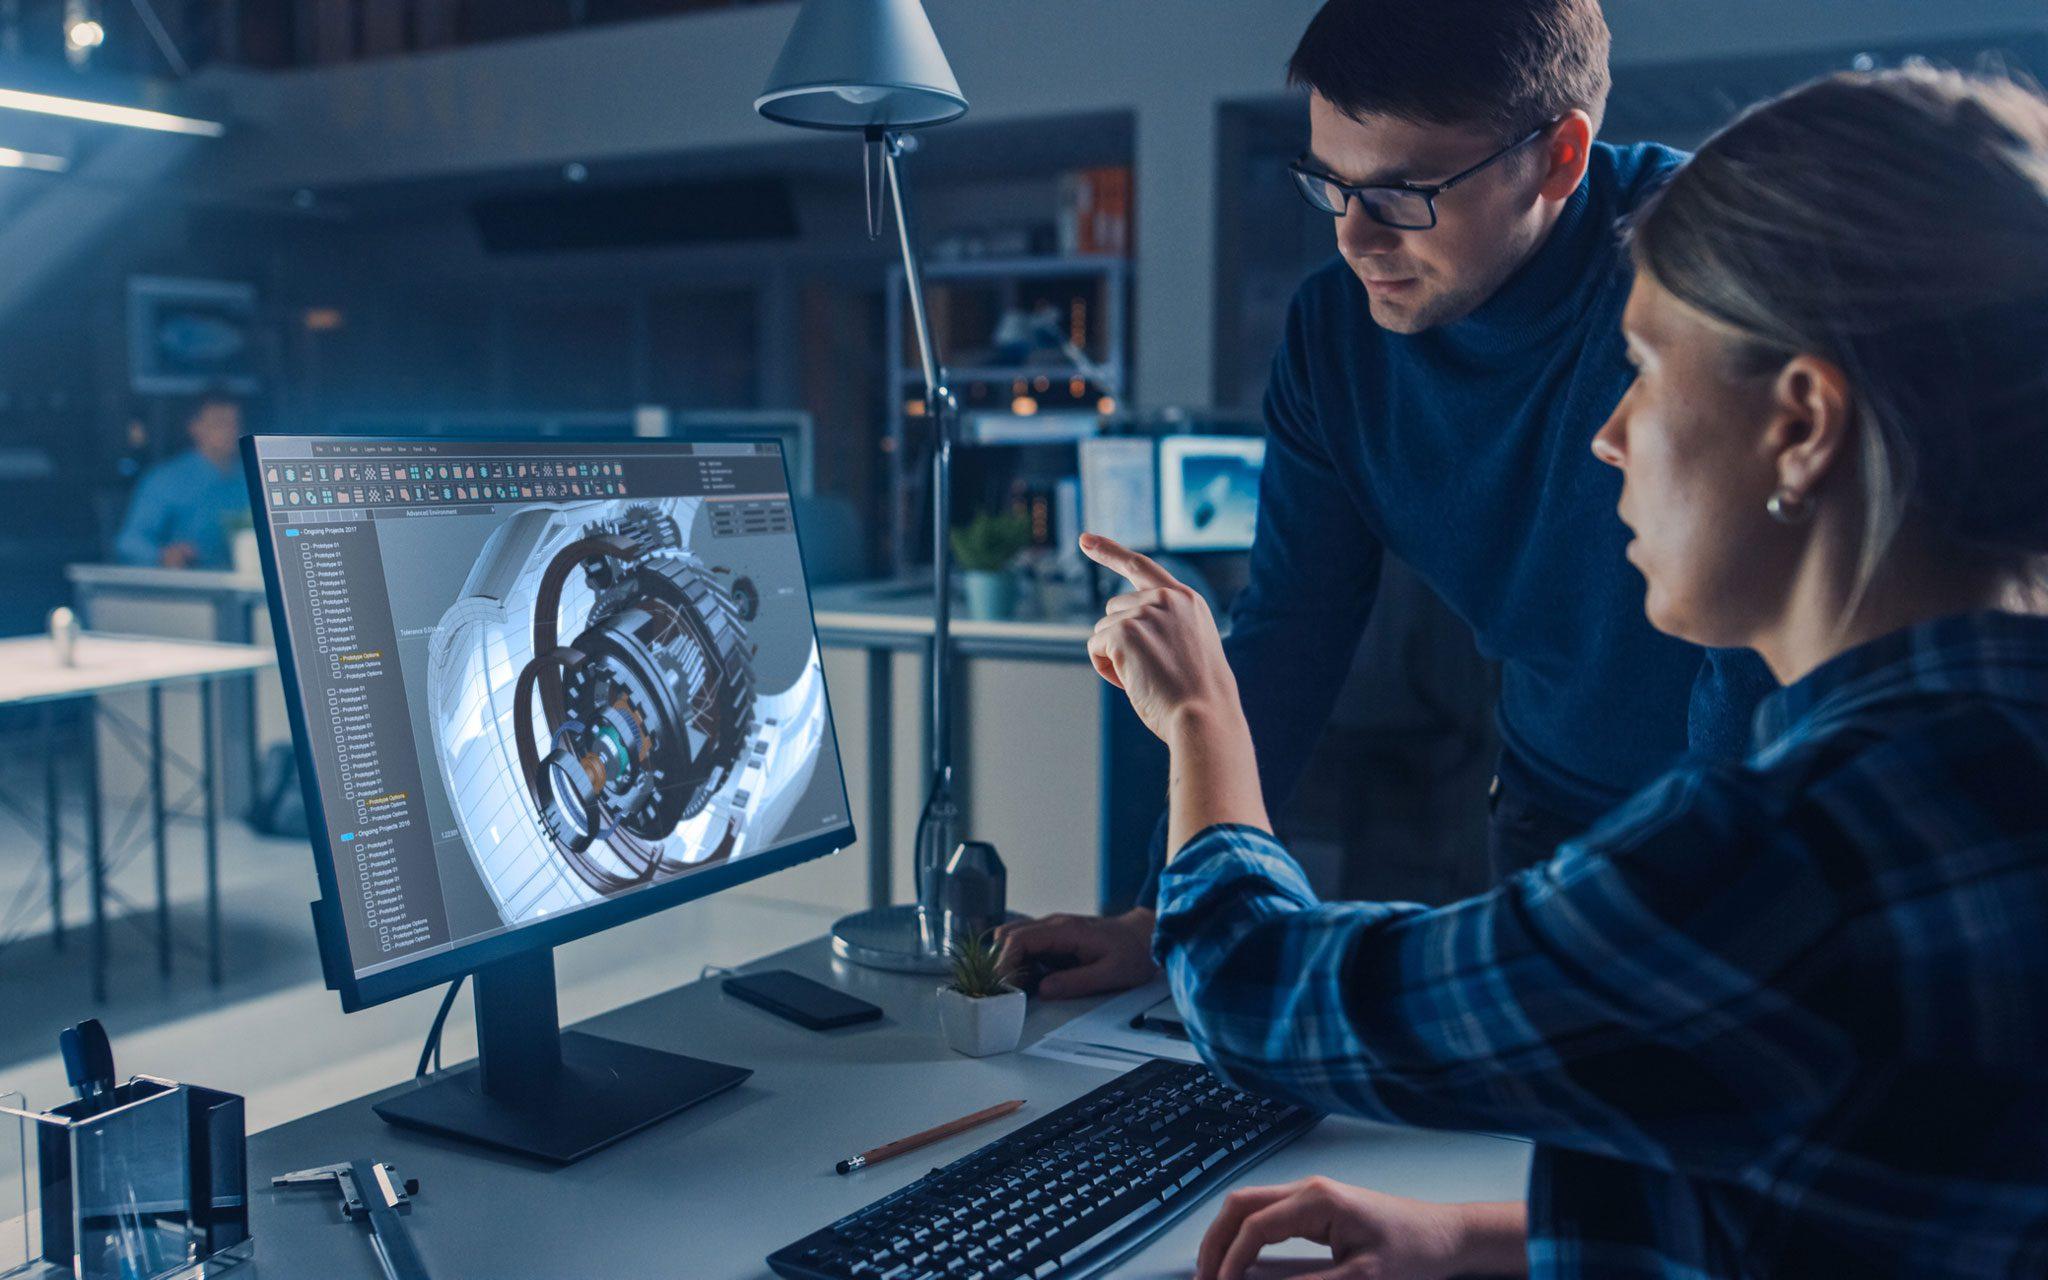 Ingenieur-Büro Mitarbeiter im Projektgespräch am CAD Arbeitsplatz